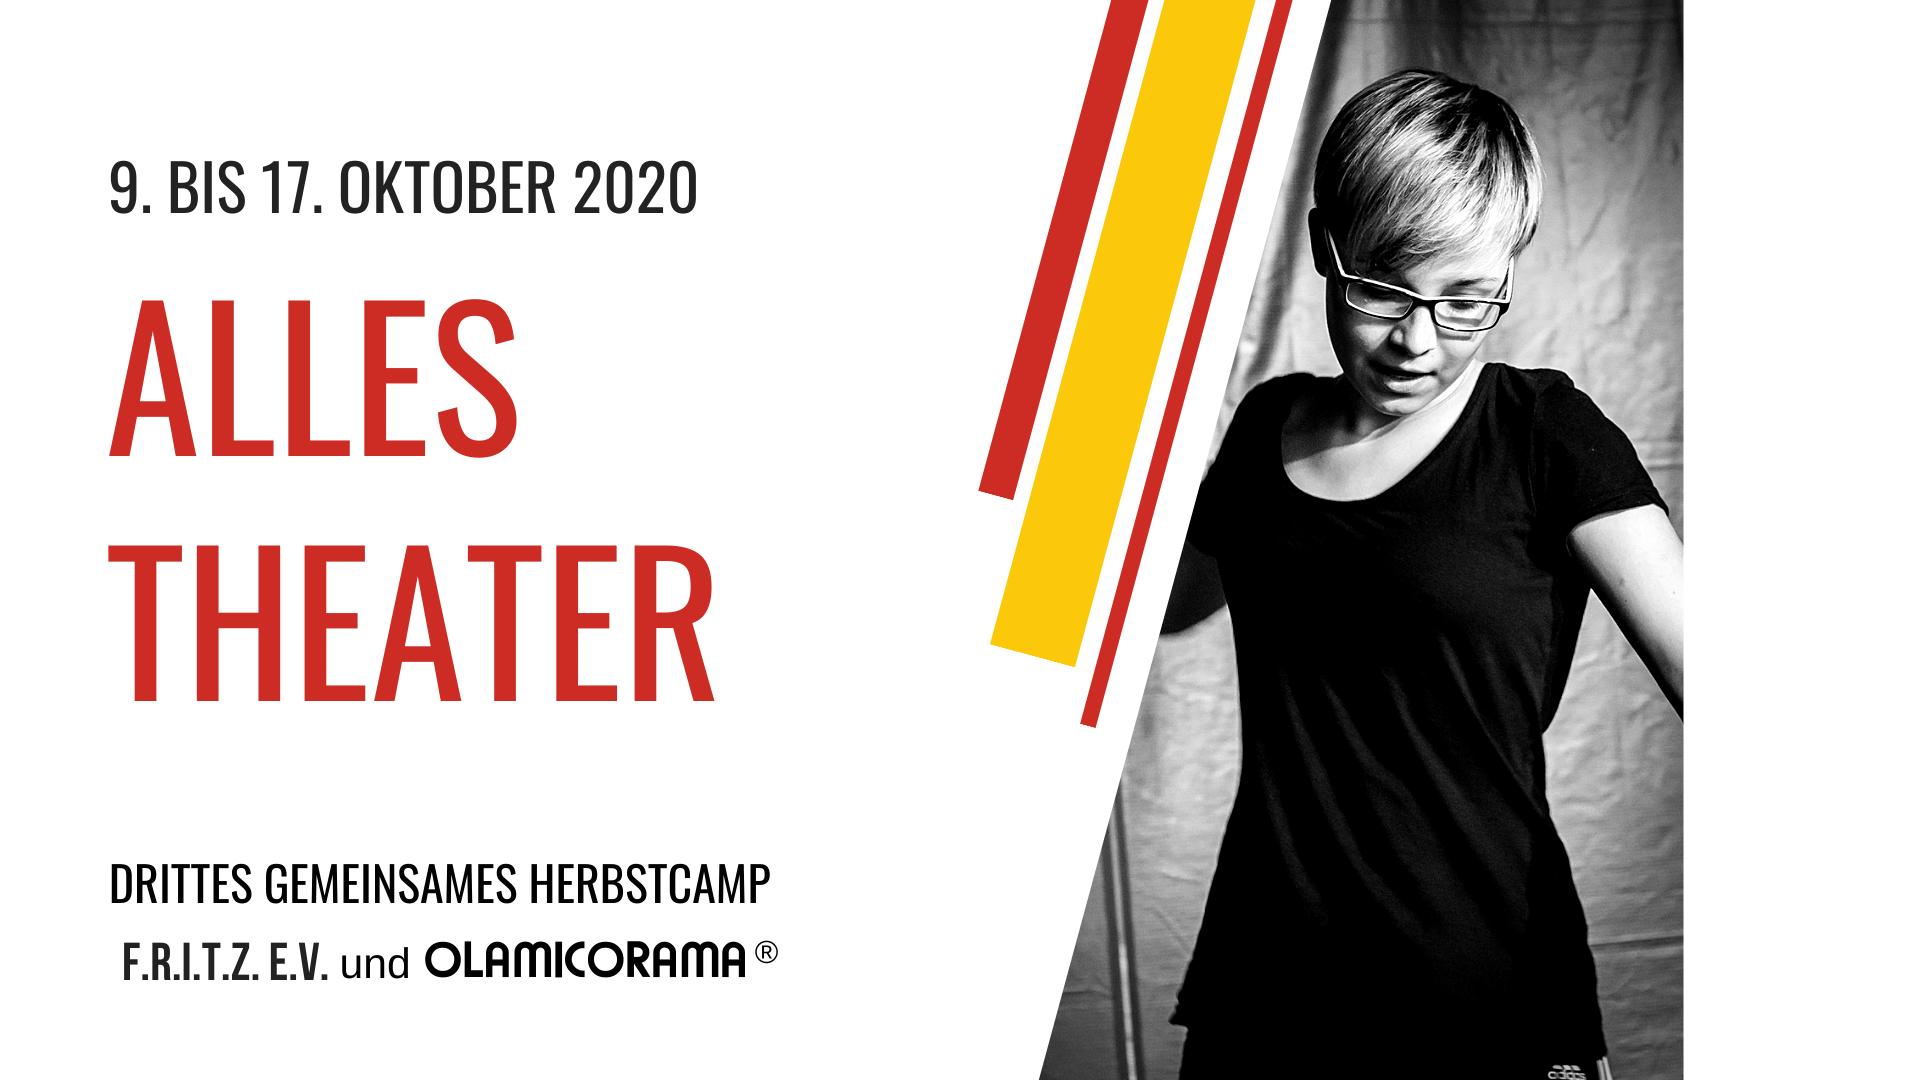 Herbstcamp 2020